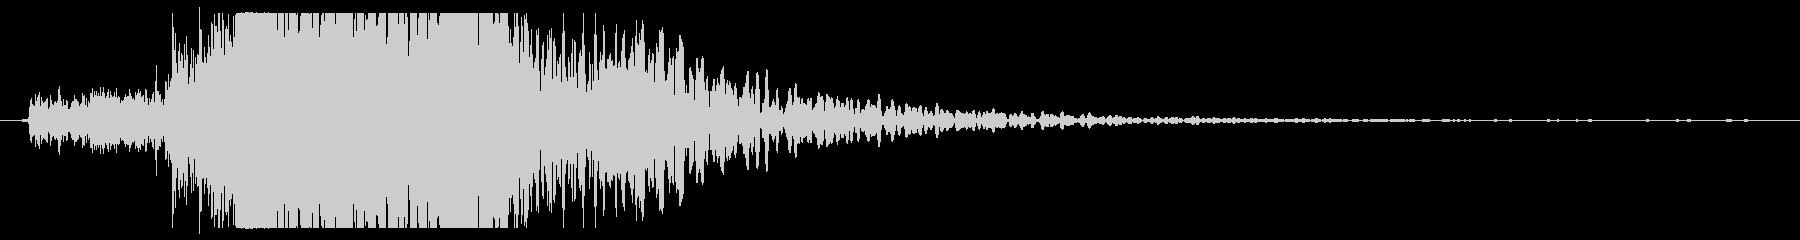 金属クランチ、電子音、デジタル電源の未再生の波形